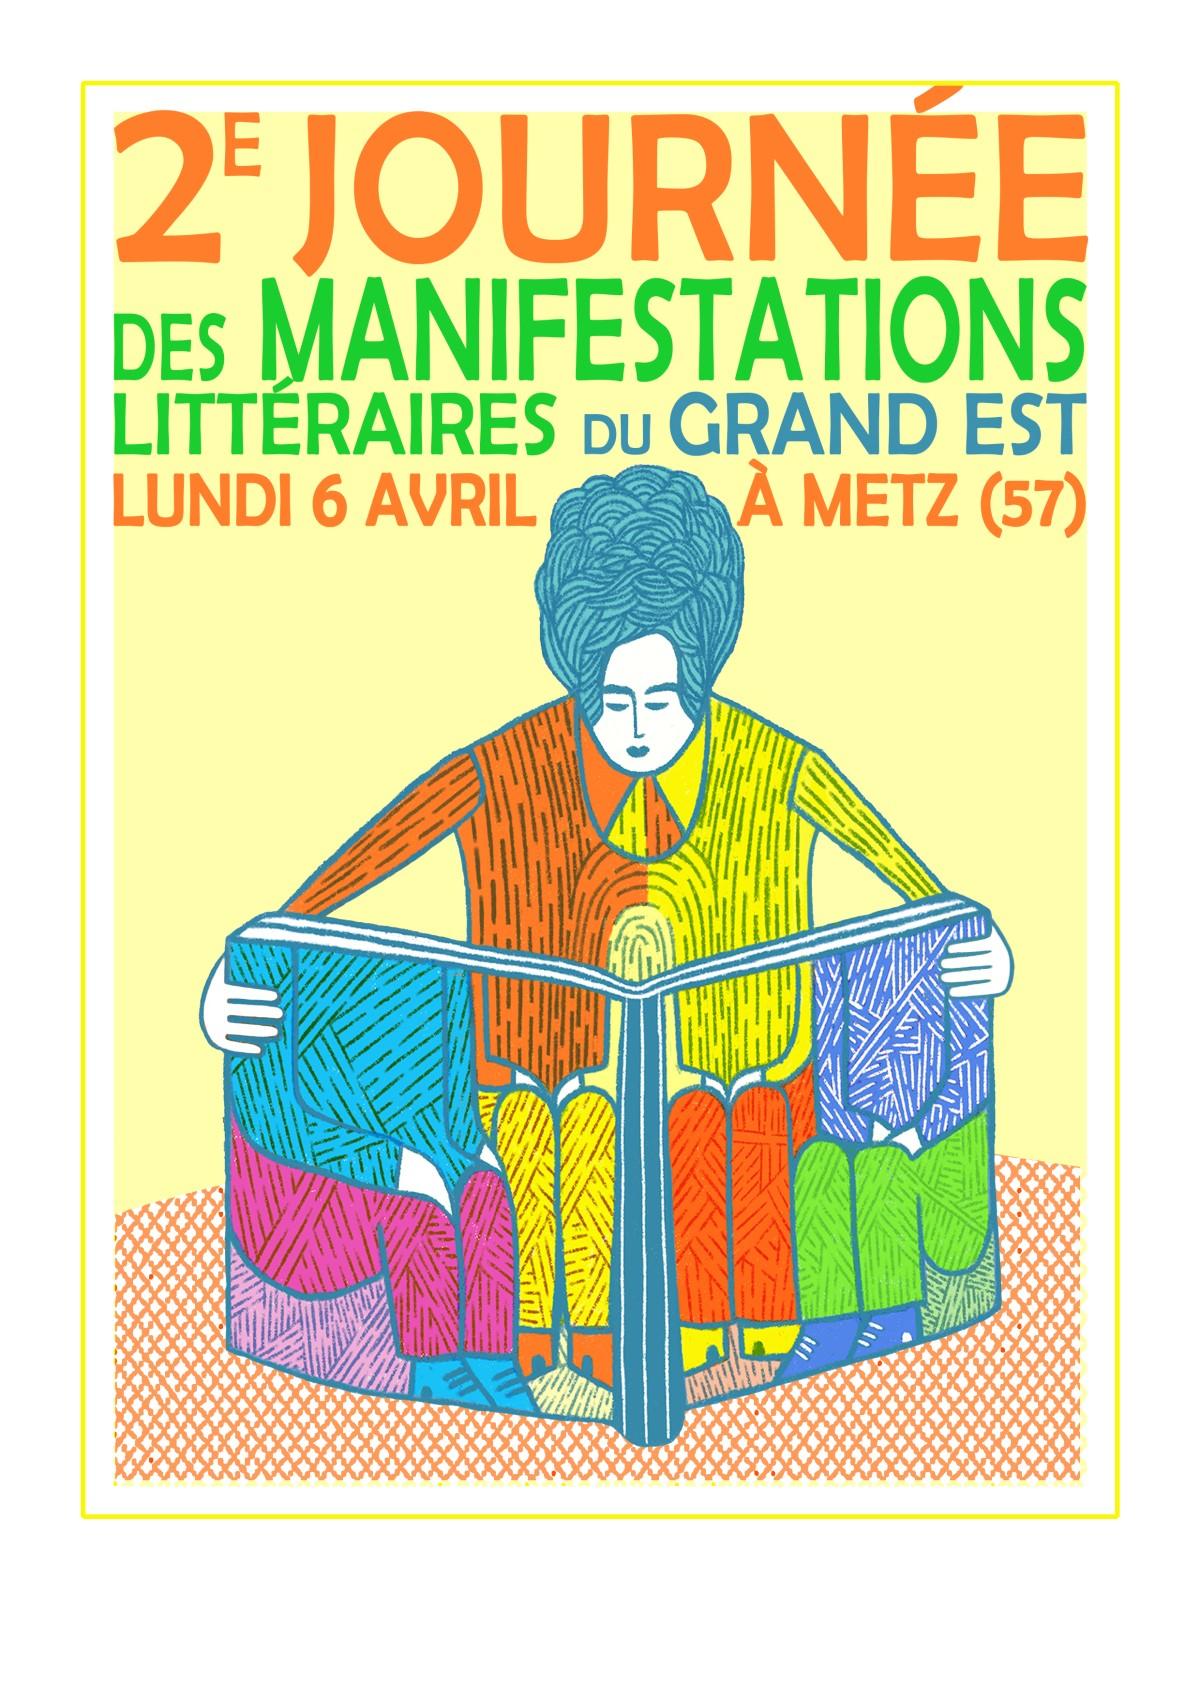 2e Journée des manifestations littéraires Grand Est